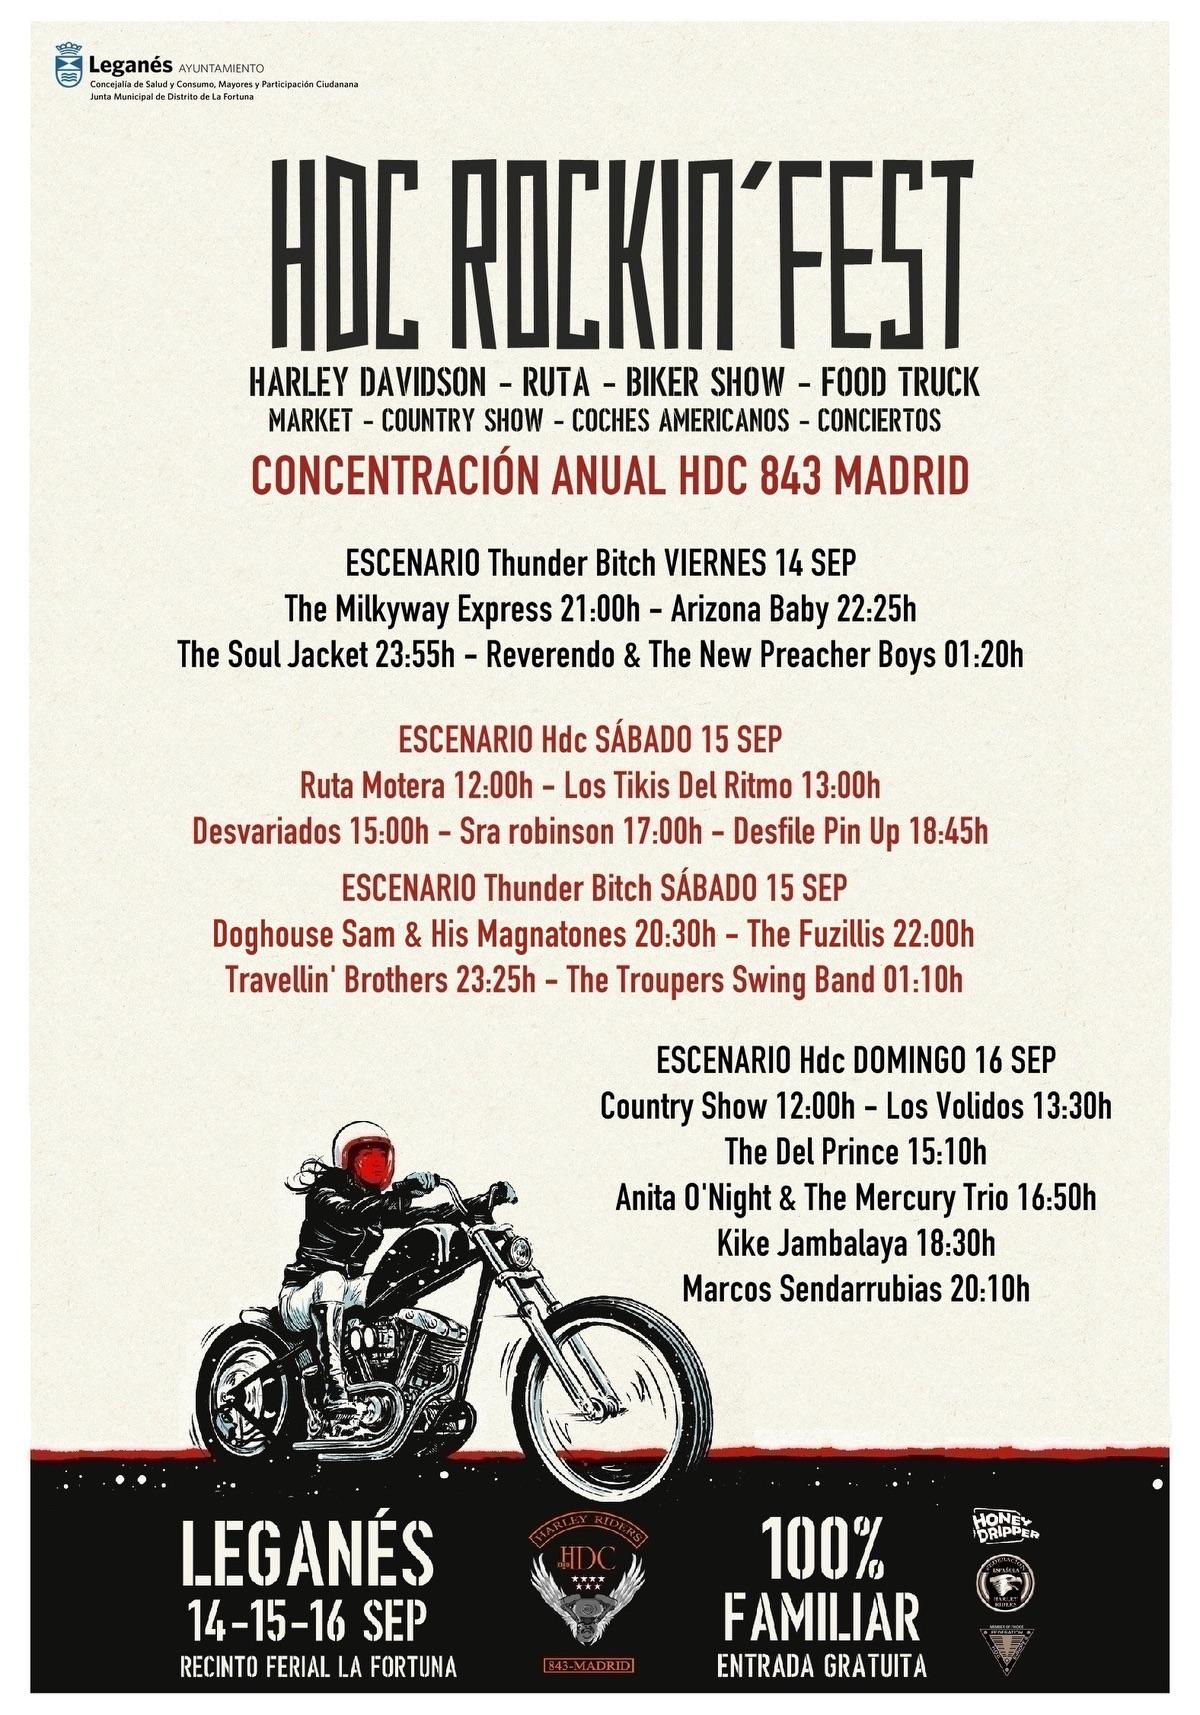 """Del 14 al 16 de septiembre se celebrará en el recinto ferial de la Fortuna de Leganés, el Festival HDC Rockin' Fest. Según un comunicado emitido por la organización, """"será imposible no escuchar el furioso rugir de los motores."""